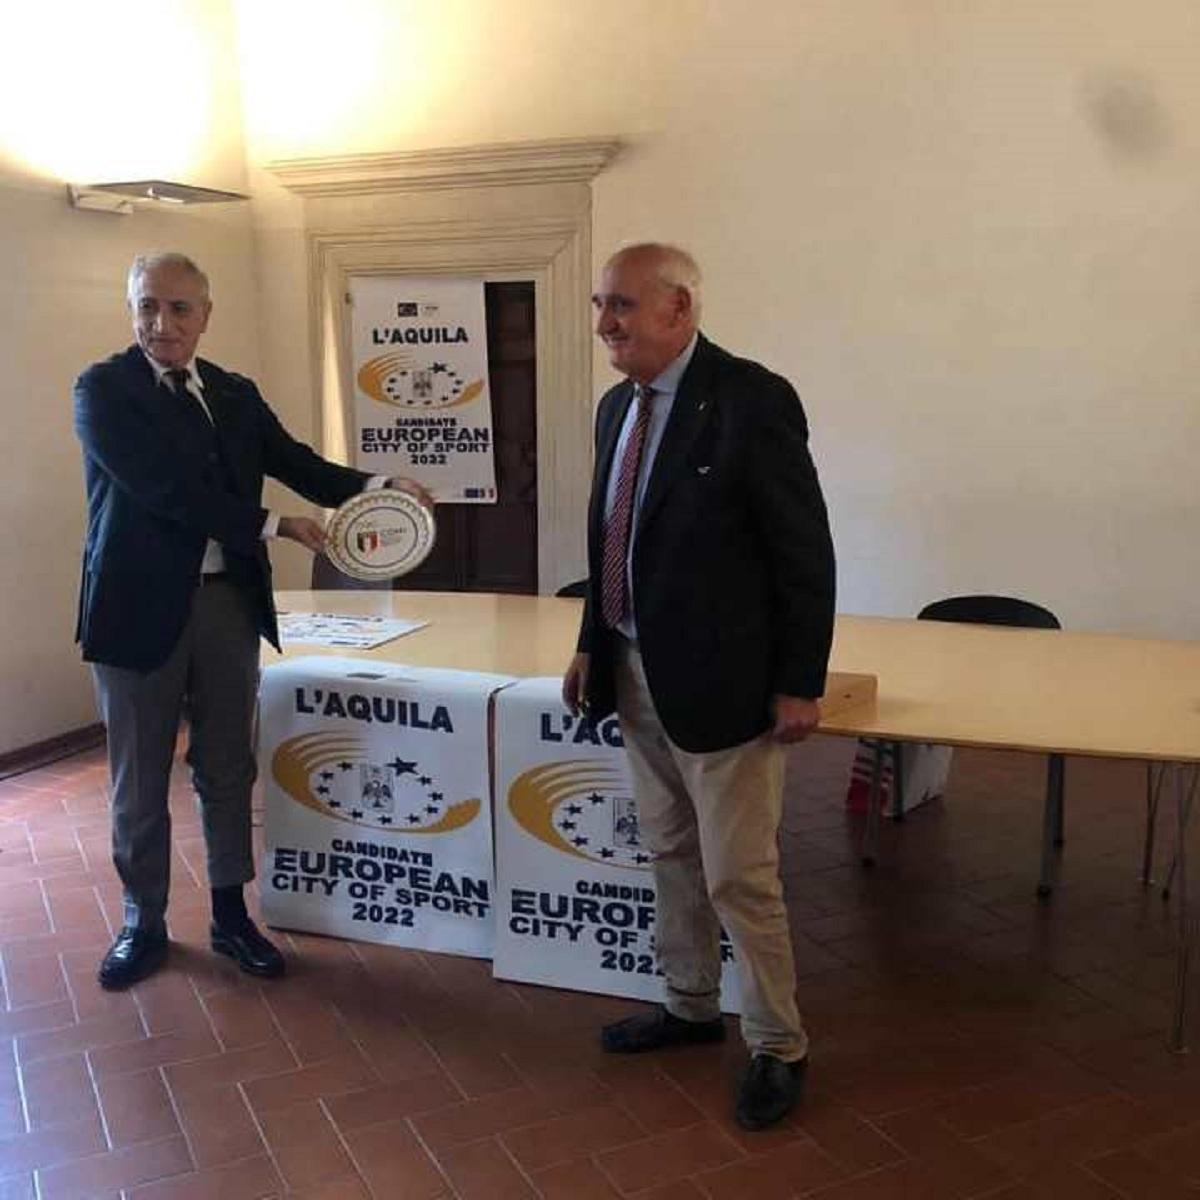 L'Aquila nominata città europea dello sport 2022 foto